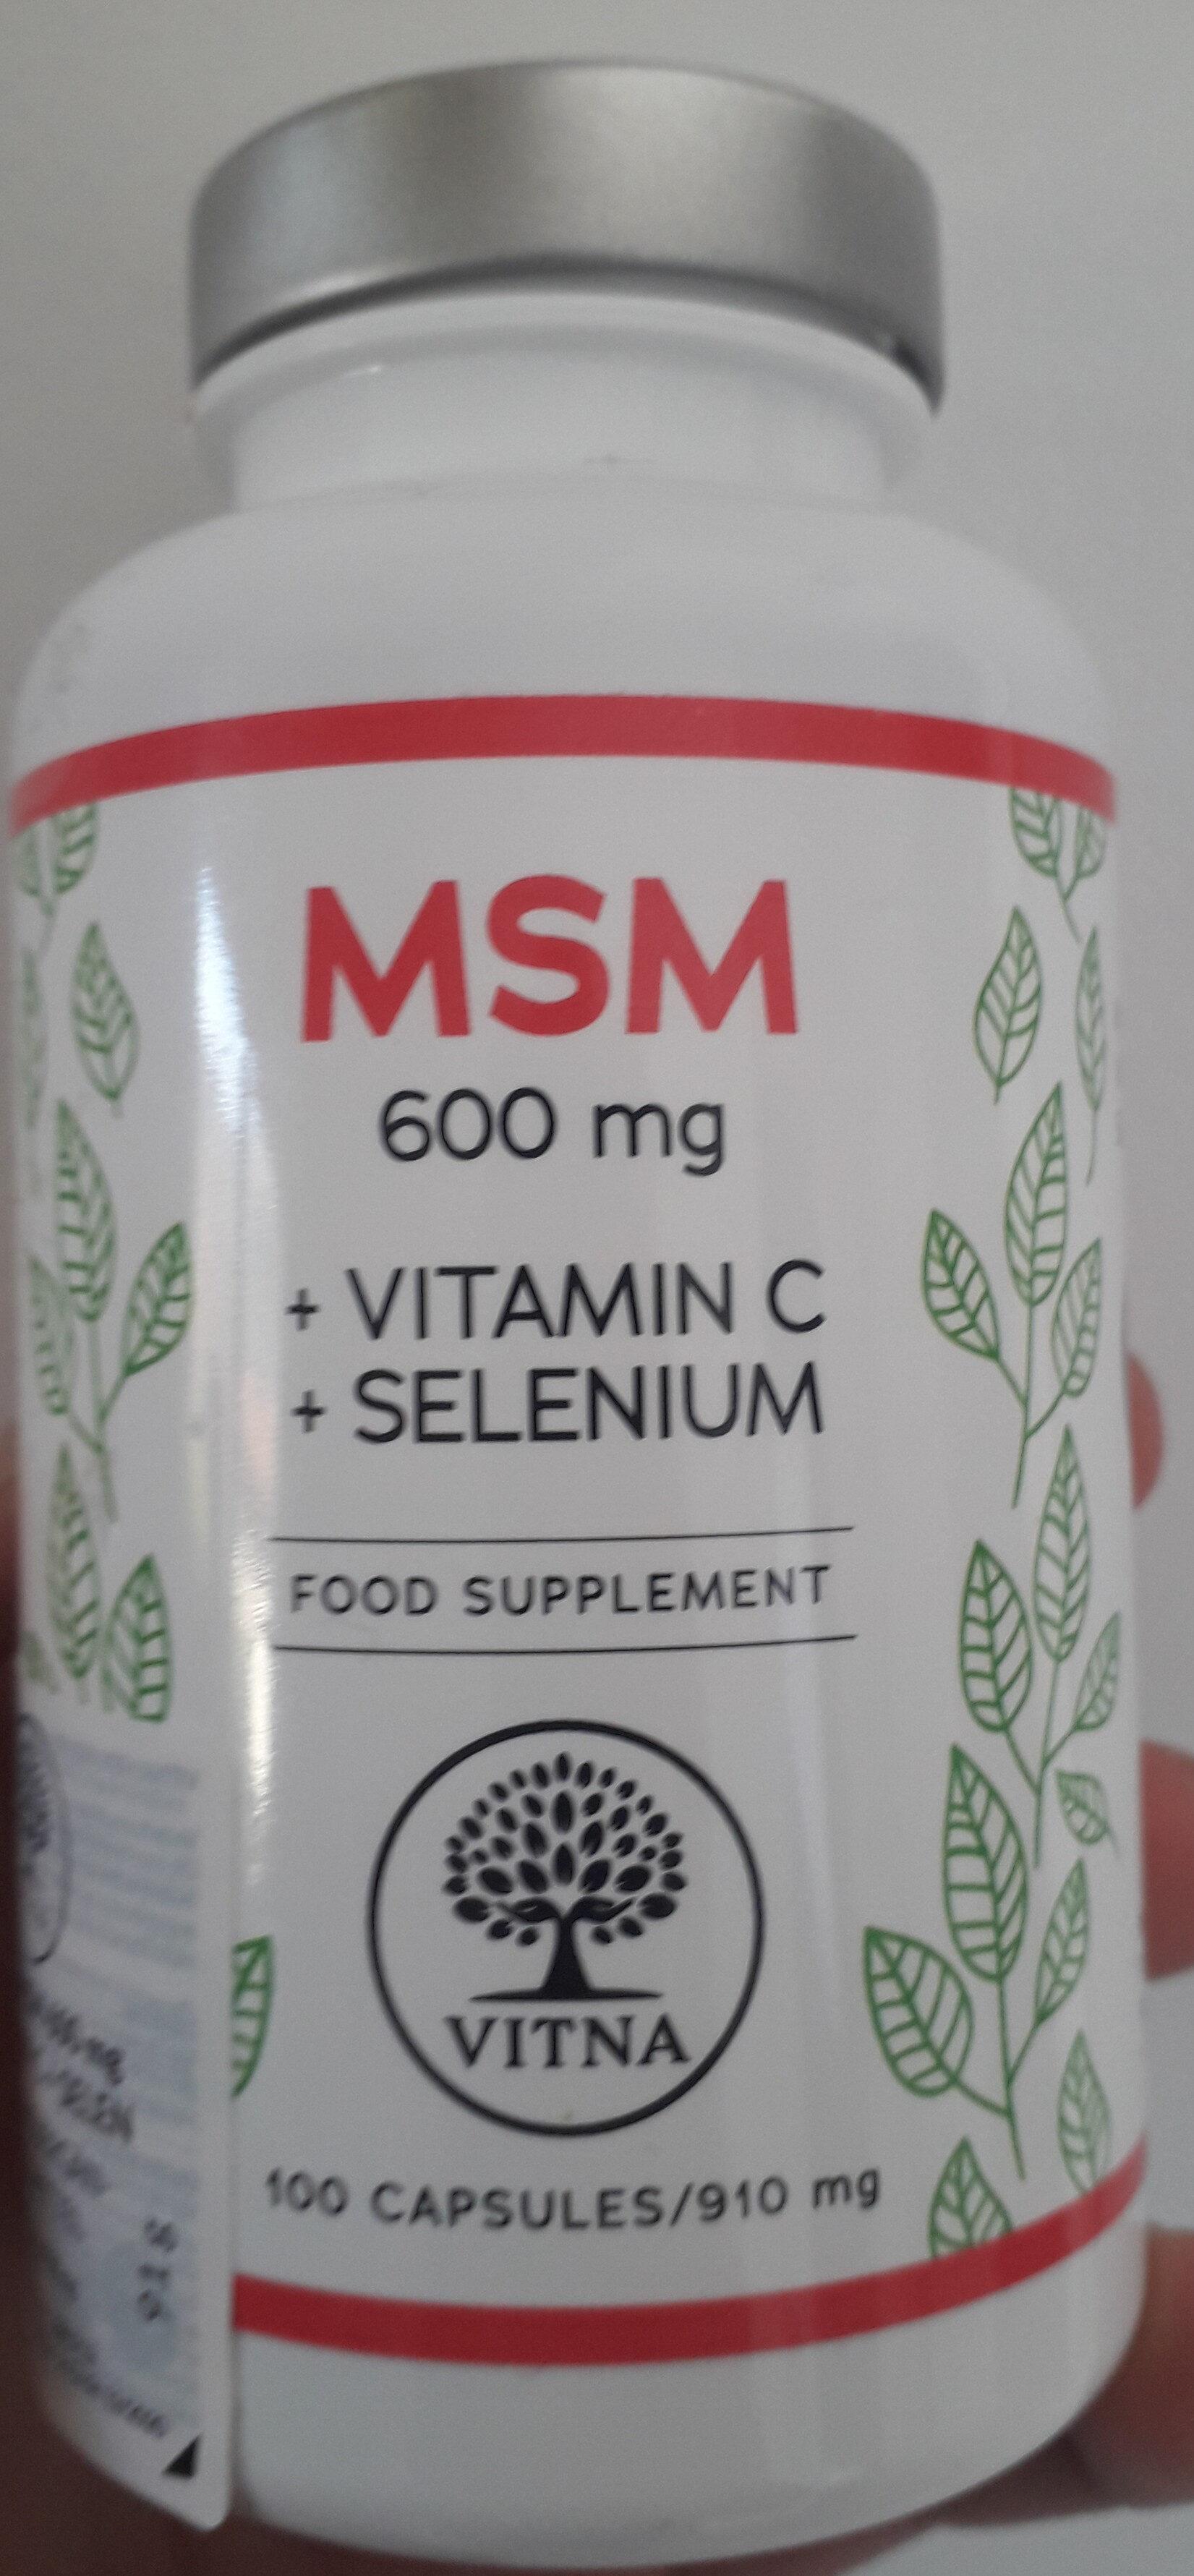 MSM Vitamine C + Sélénium - Produkt - fr